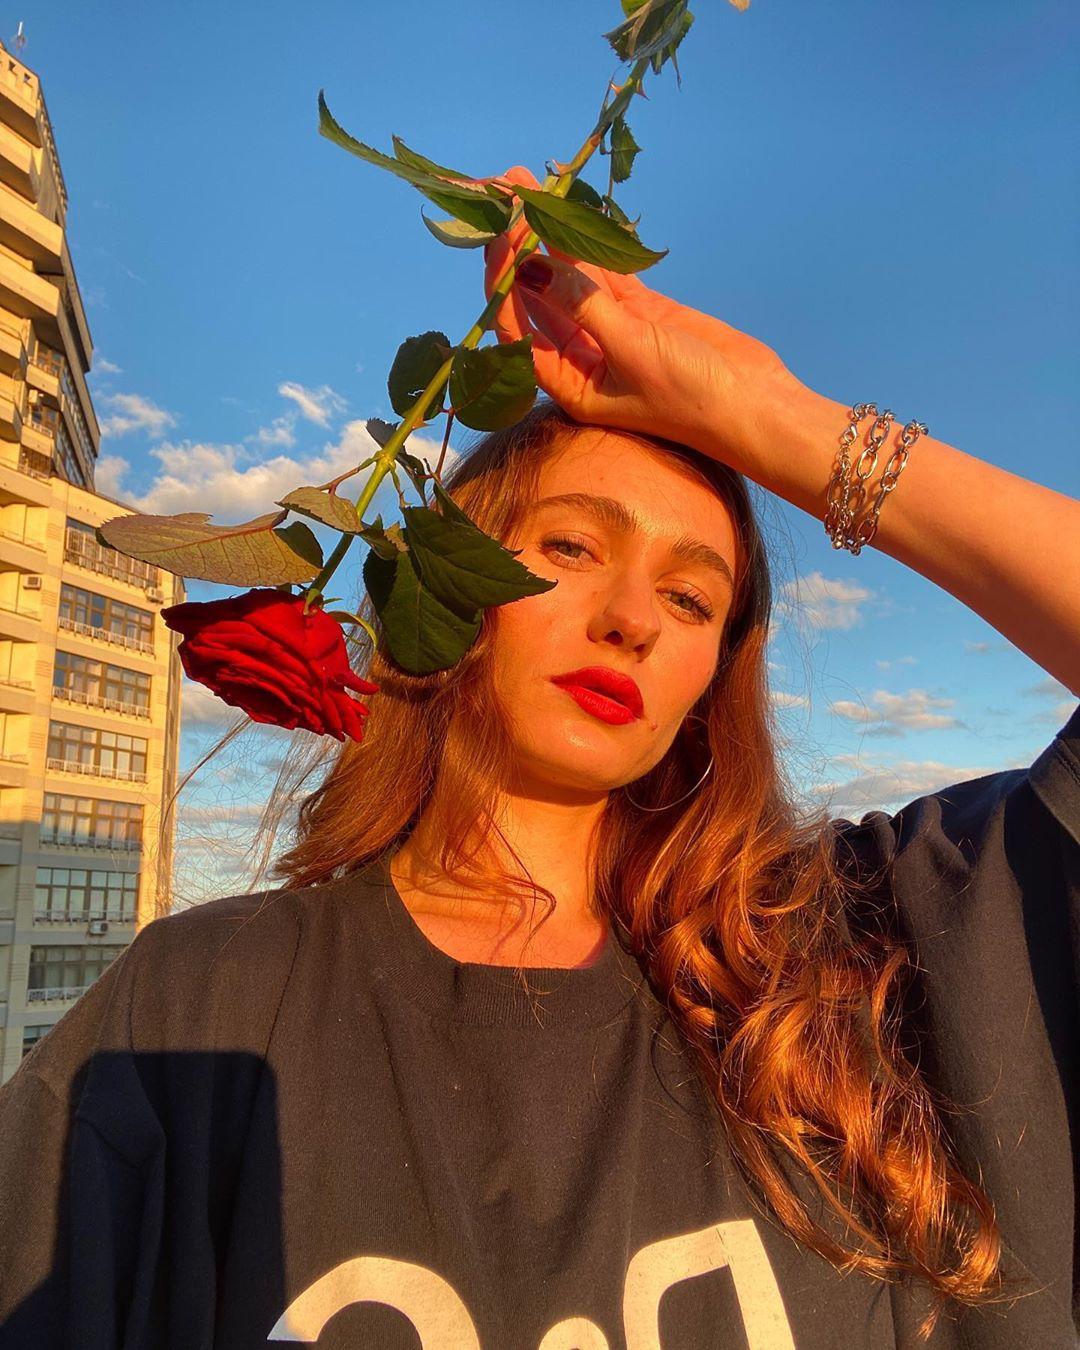 Певица Луна выпустила песню «Летние бульвары» из предстоящего альбома